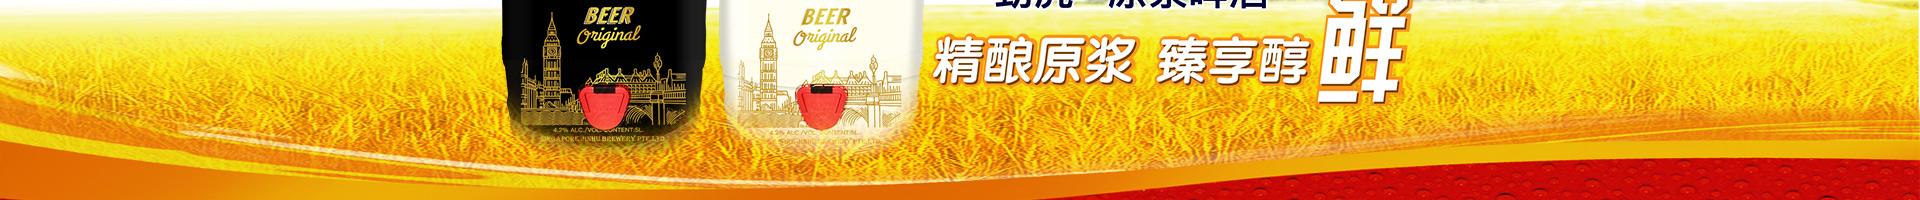 新加坡劲虎啤酒有限公司